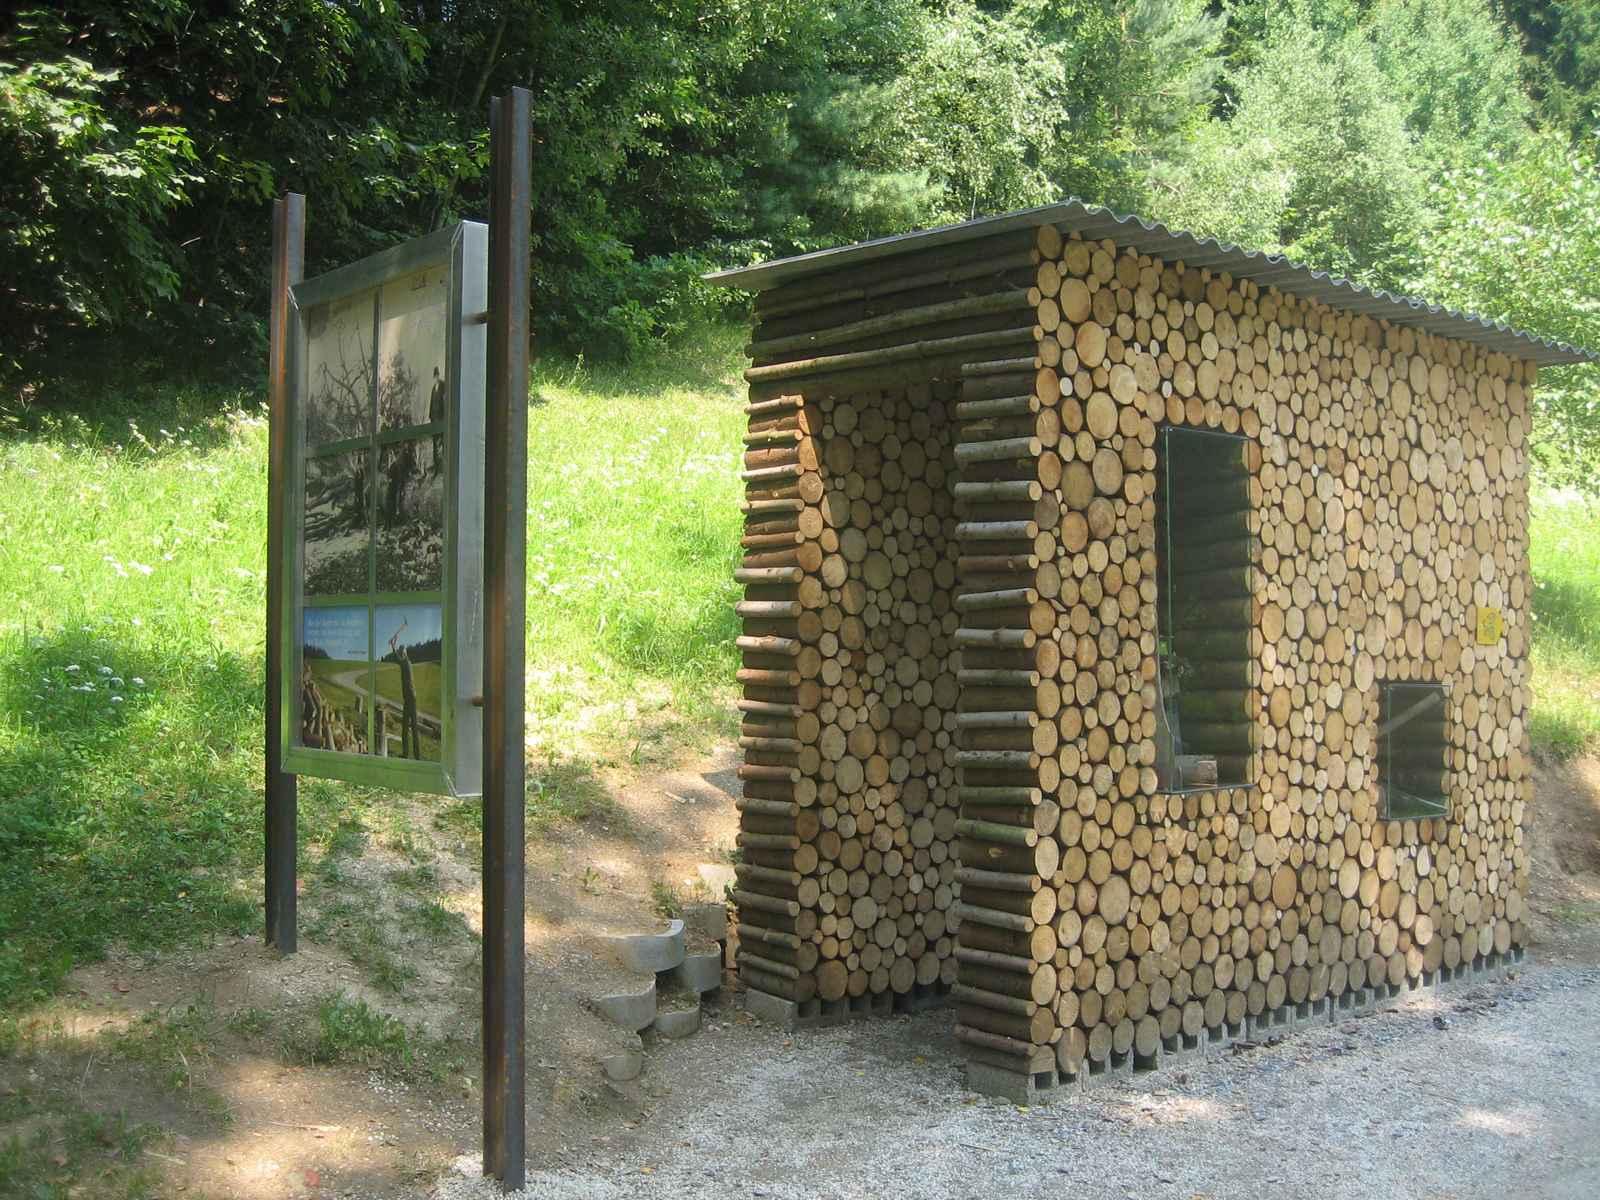 Holzarbeit mit begehbarem Holzstoß